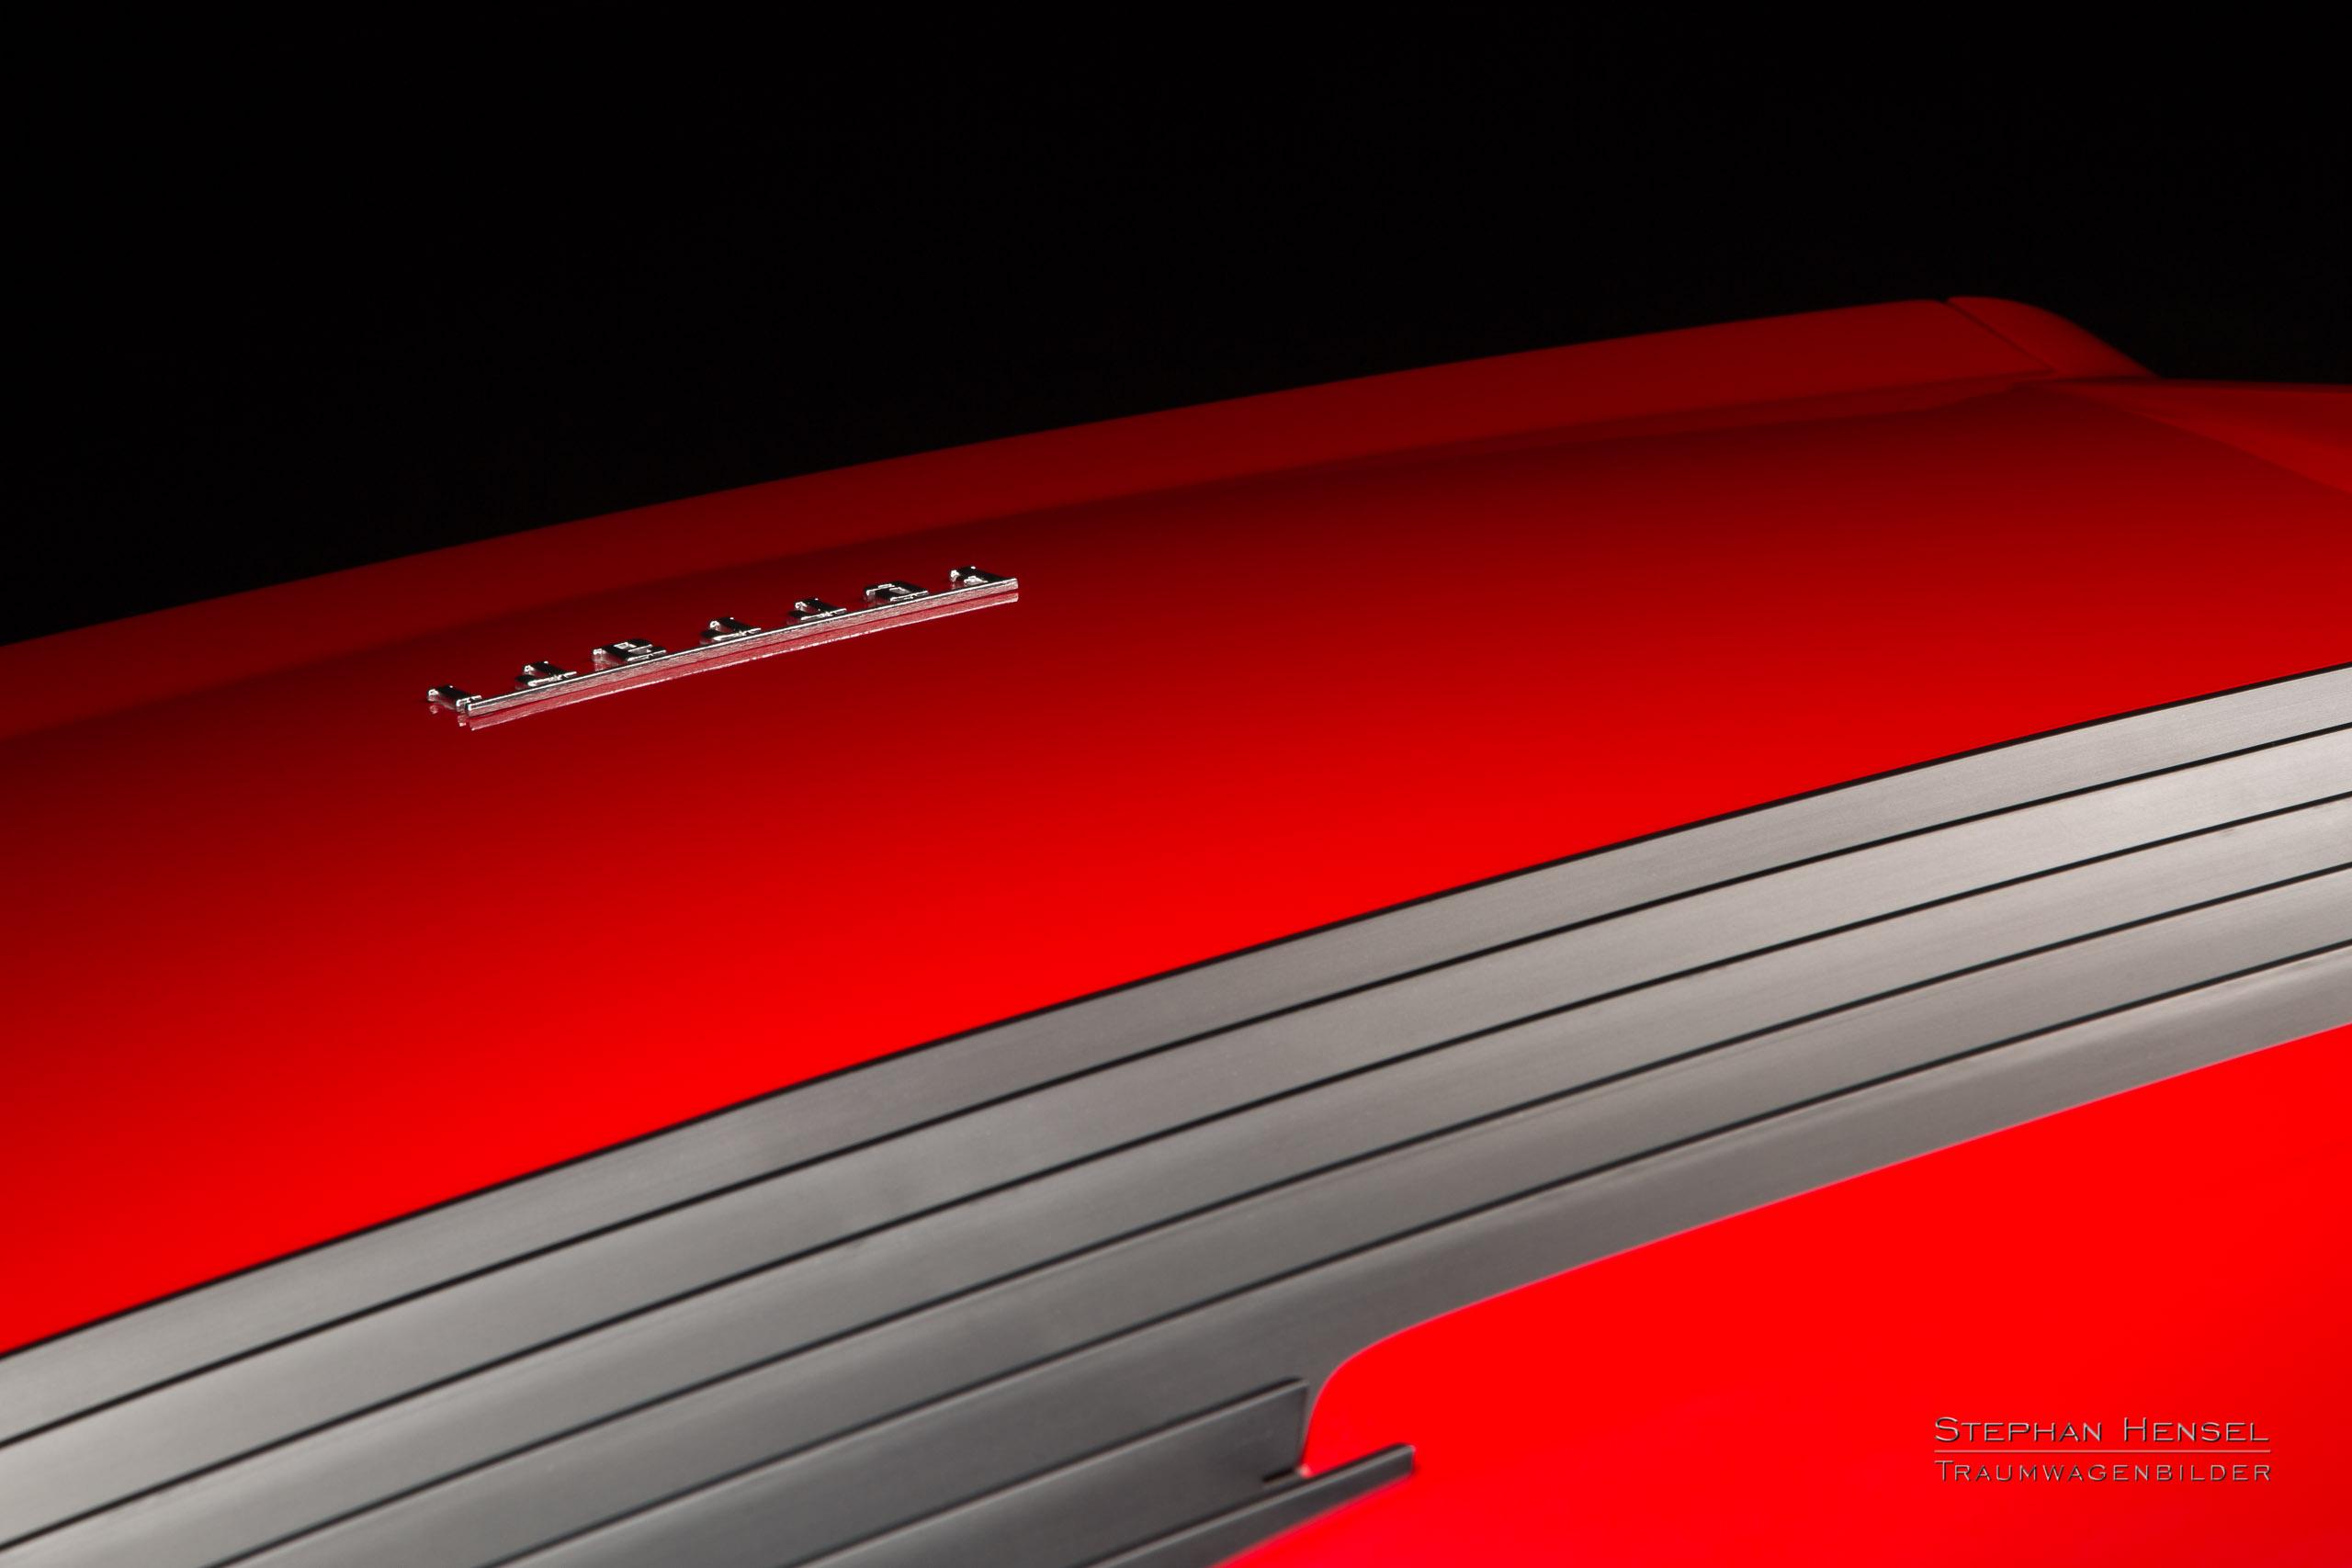 Ferrari 328 GTB, Detailansicht Heckklappe, Lüftungsschlitze, Autofotograf: Stephan Hensel, Oldtimerfotograf, Hamburg